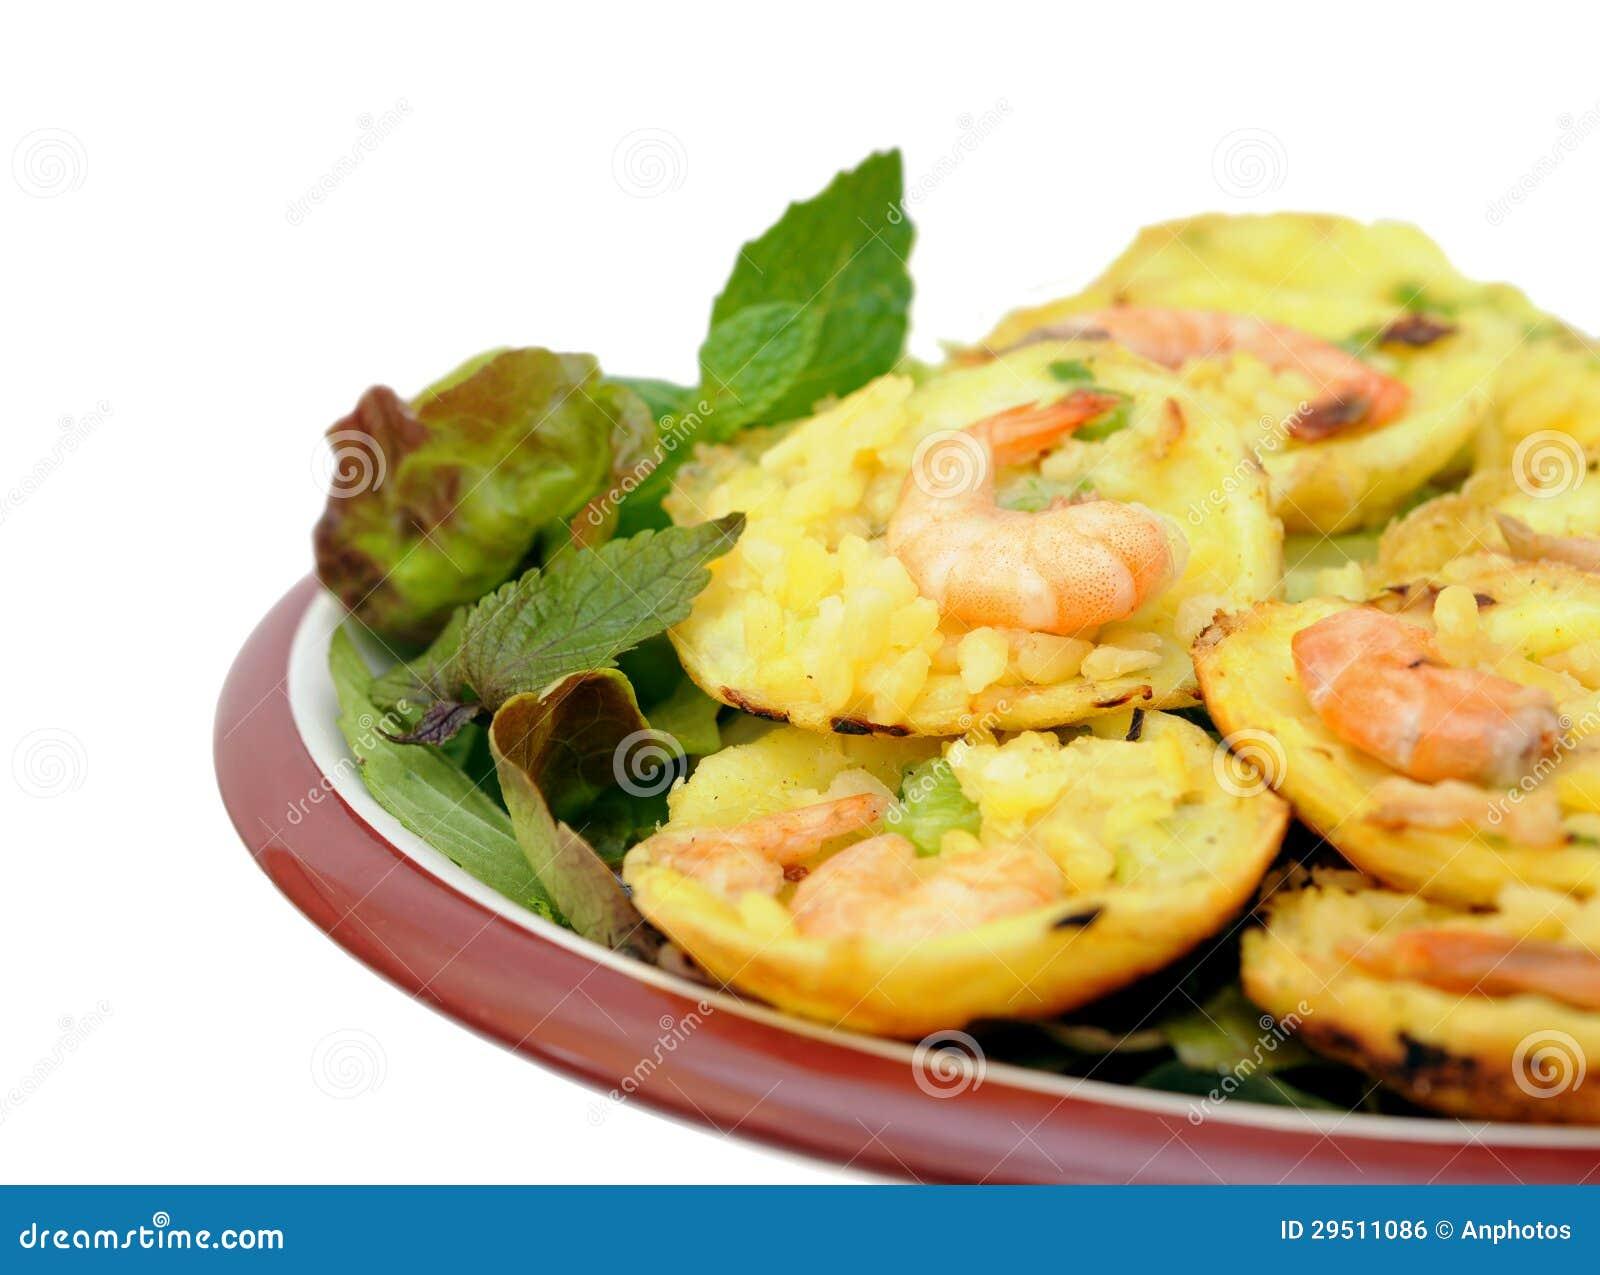 Vietnamese pannekoek